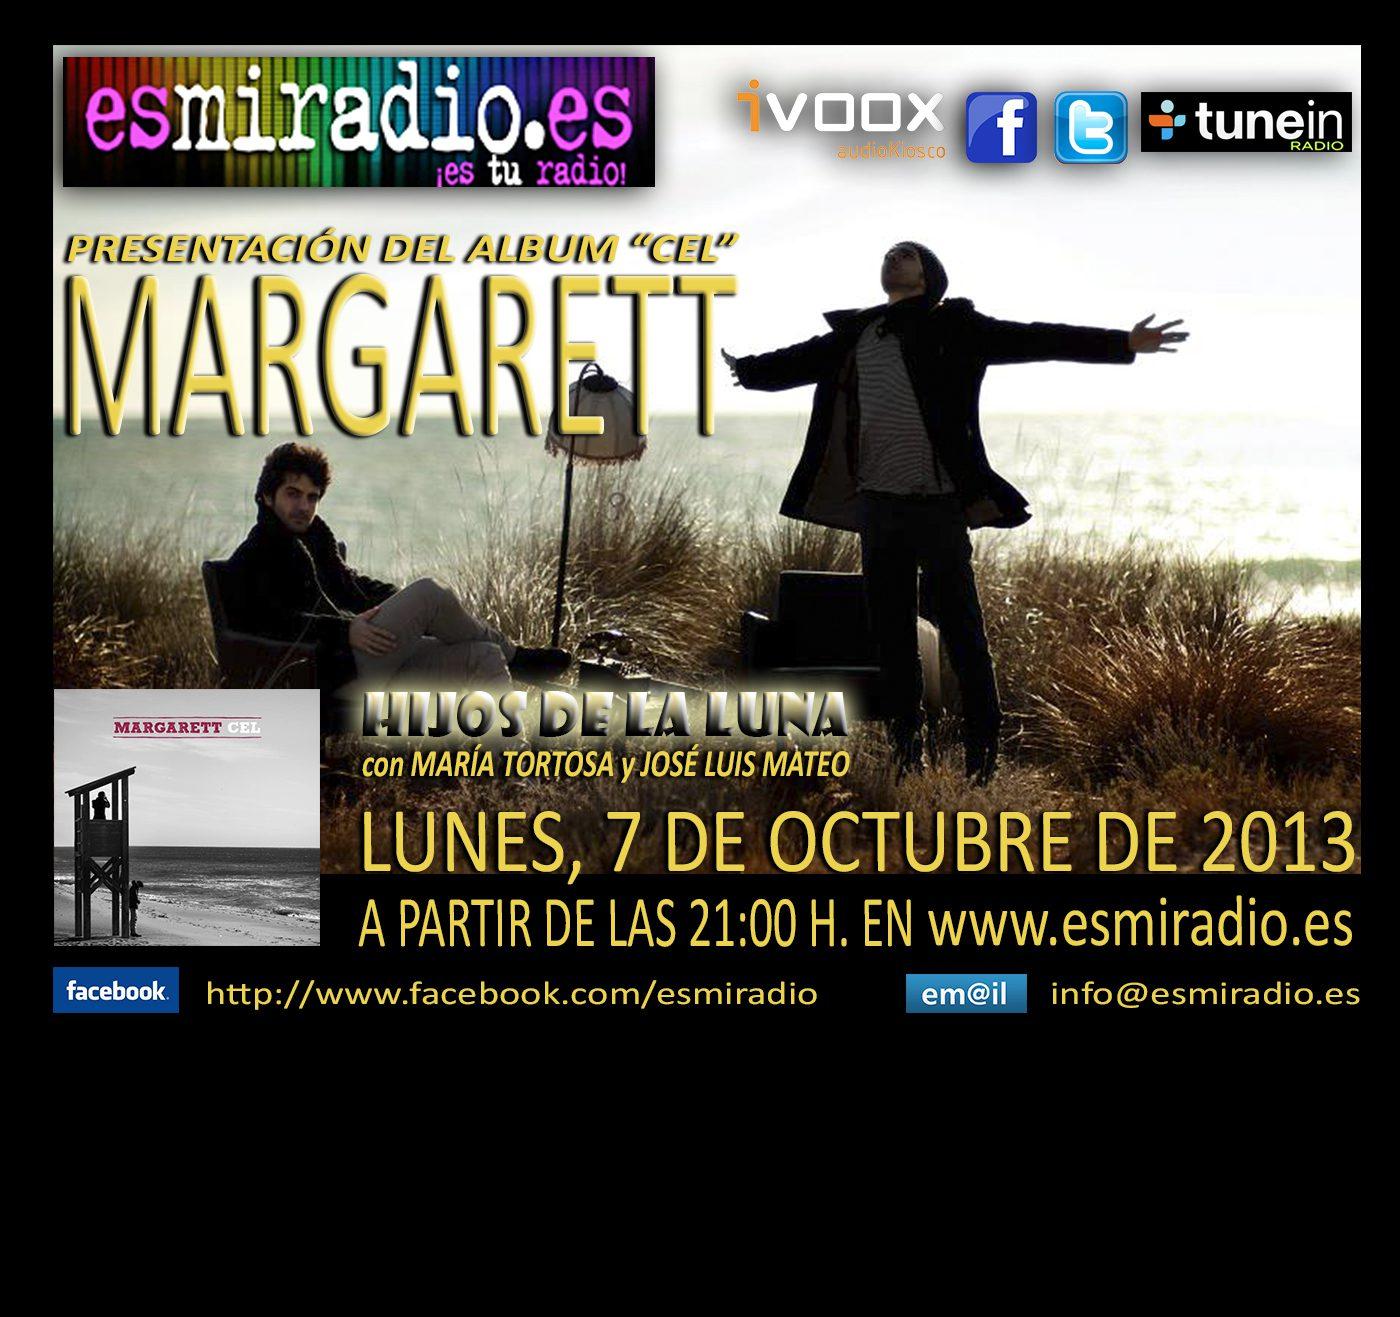 """El próximo Lunes, 7 de Octubre """"Margarett"""" nos presenta """"Cel"""" en """"Hijos de la Luna"""""""